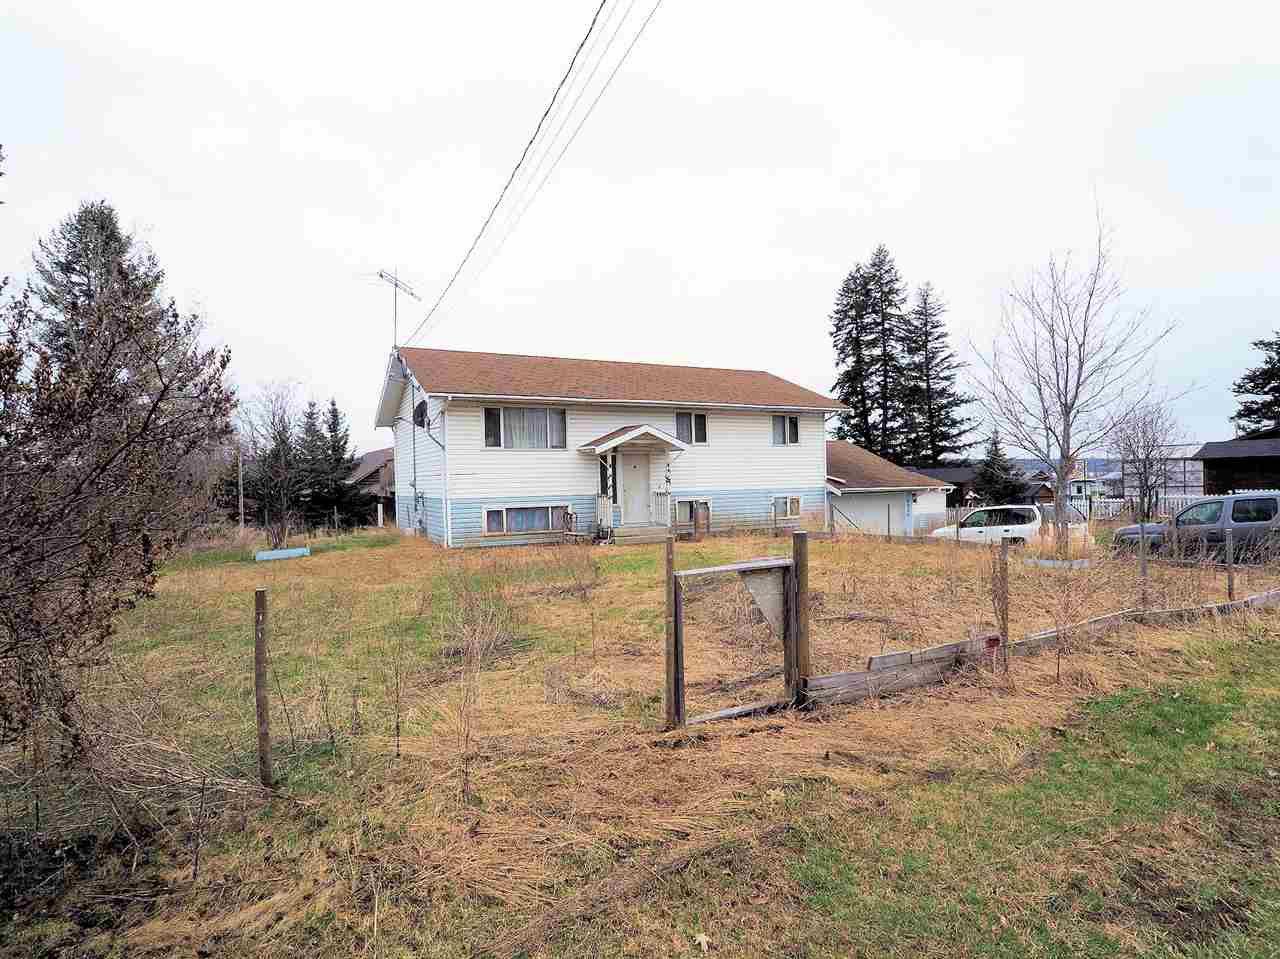 Main Photo: 4834 CLARKE Avenue: Lac la Hache House for sale (100 Mile House (Zone 10))  : MLS®# R2452846